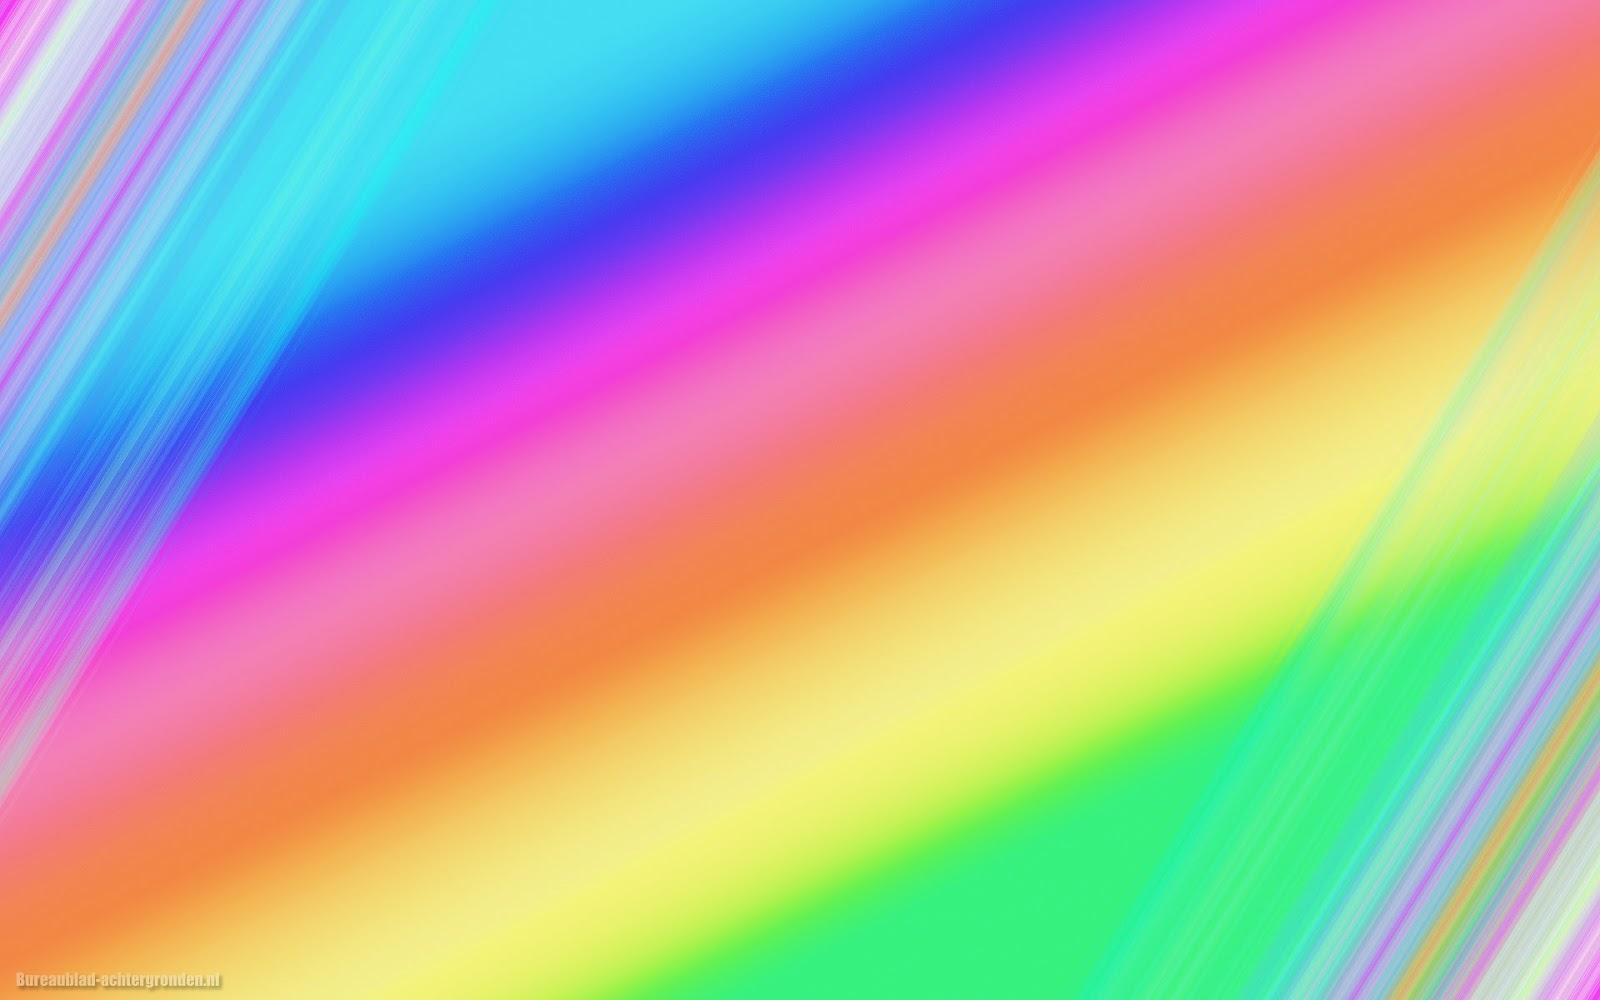 Abstracte wallpaper met veel kleur